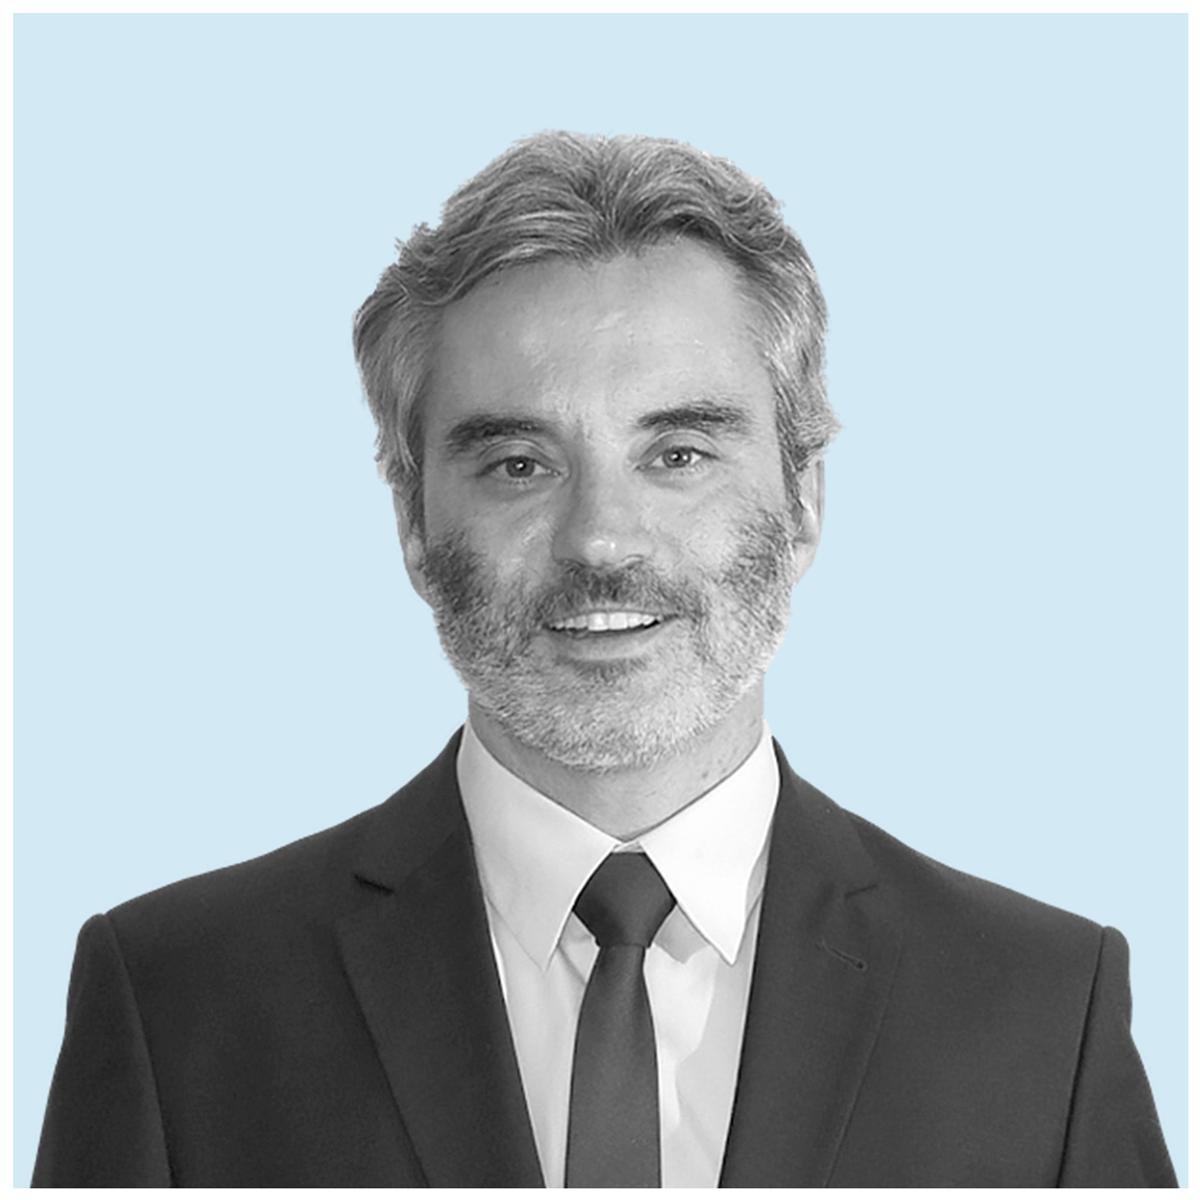 Bráulio Santiago Cerqueira